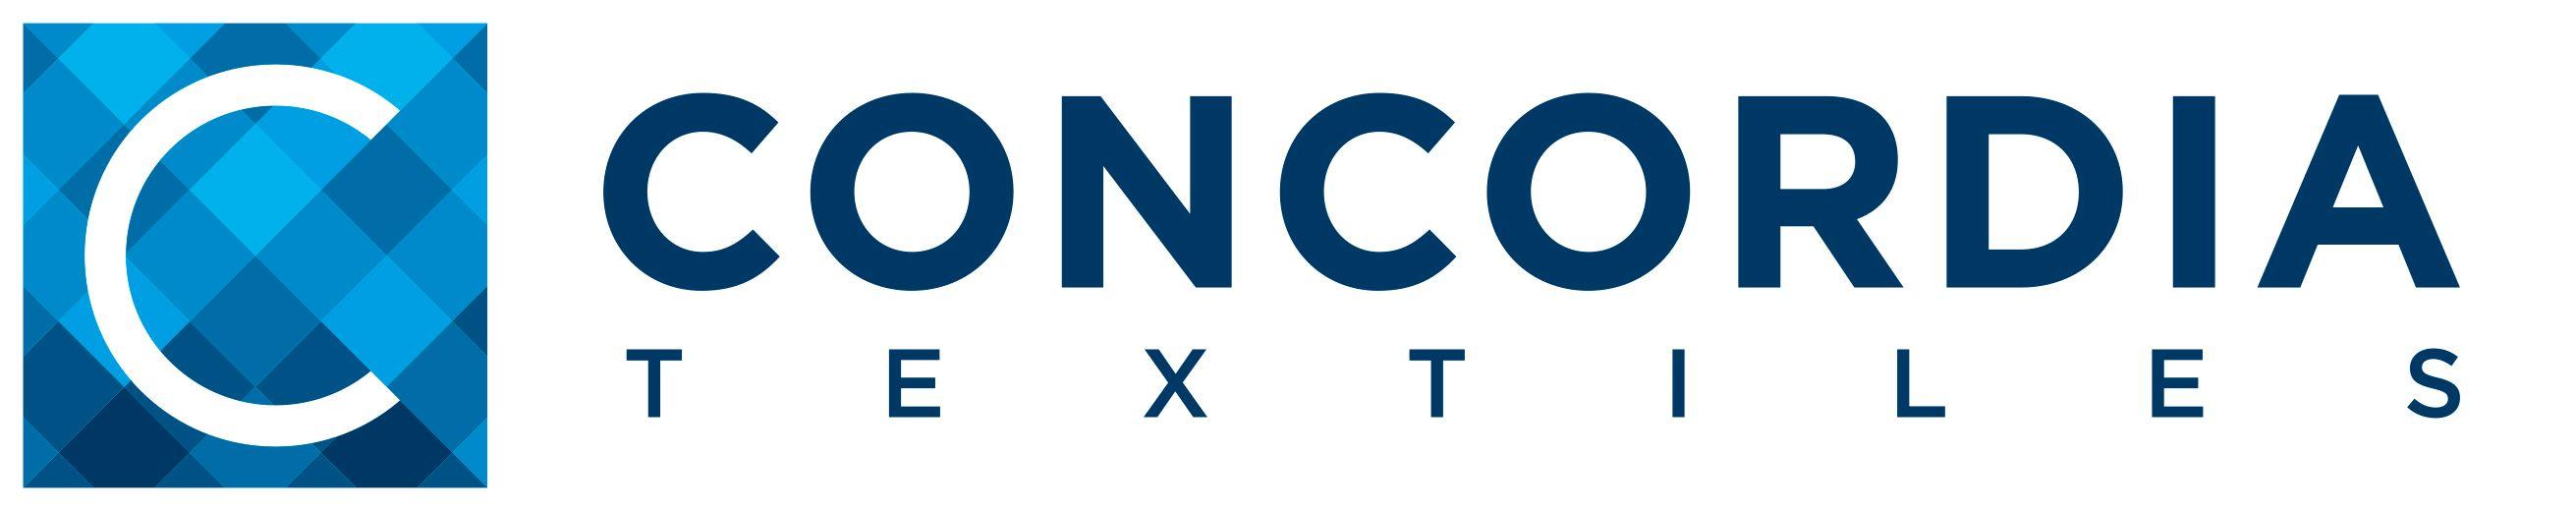 Concordia Textiles